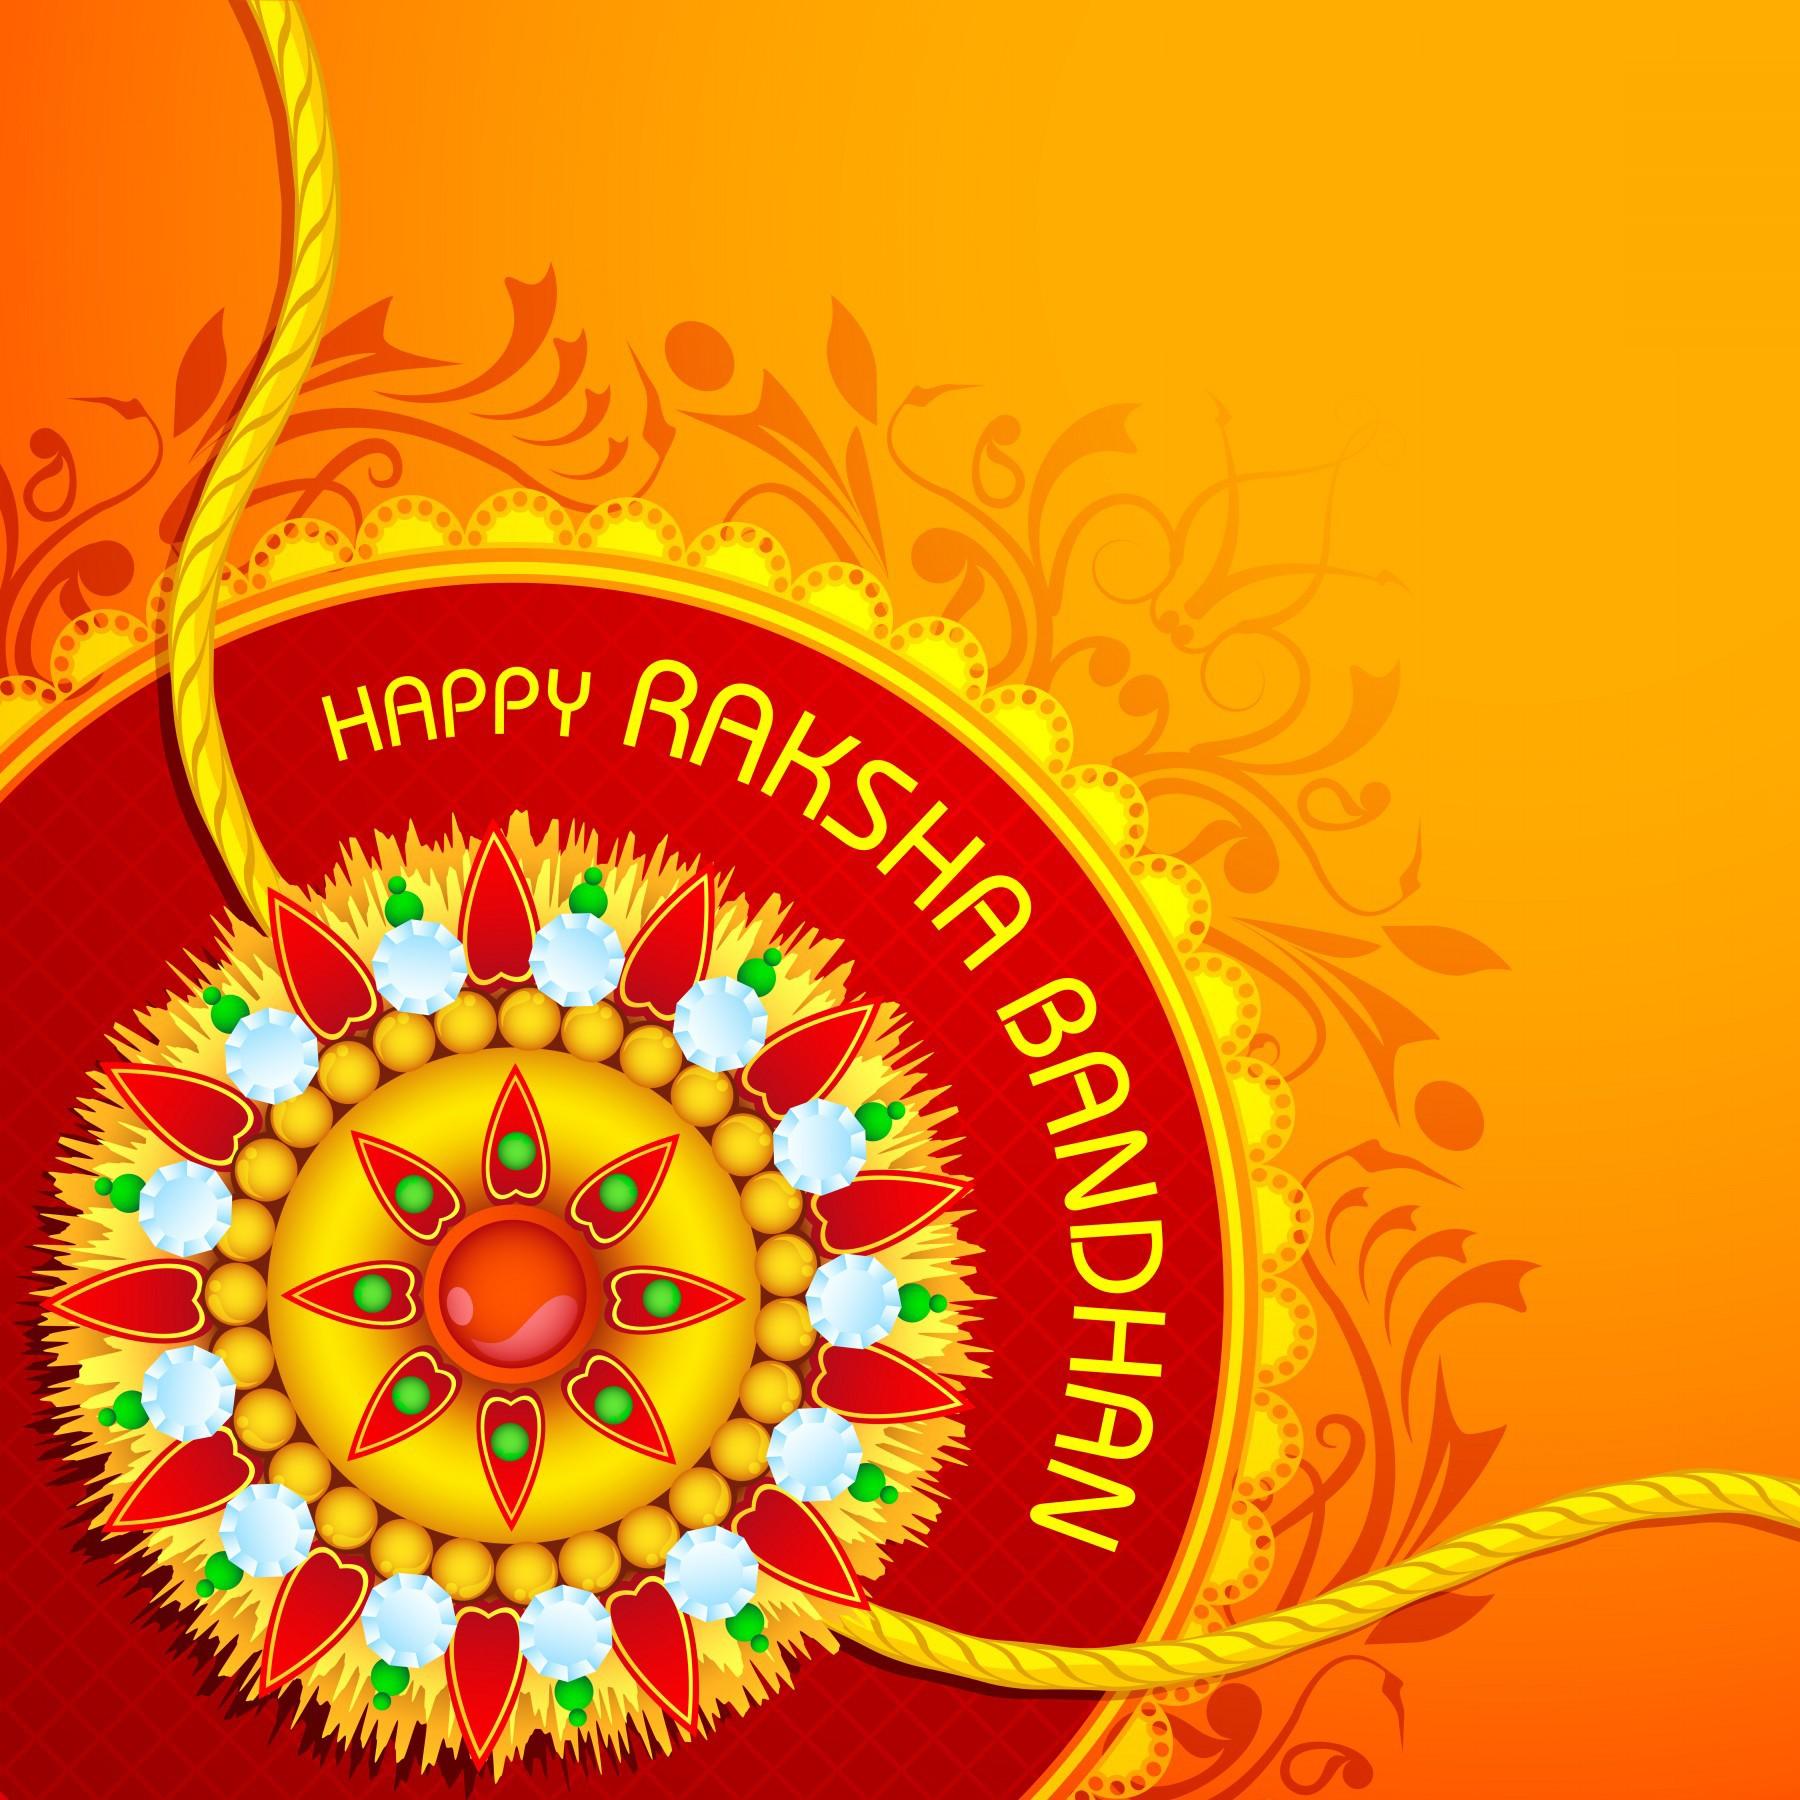 Raksha Bandhan Sms Msgs Shayari In Hindi With Pic Image Wallpaper Of